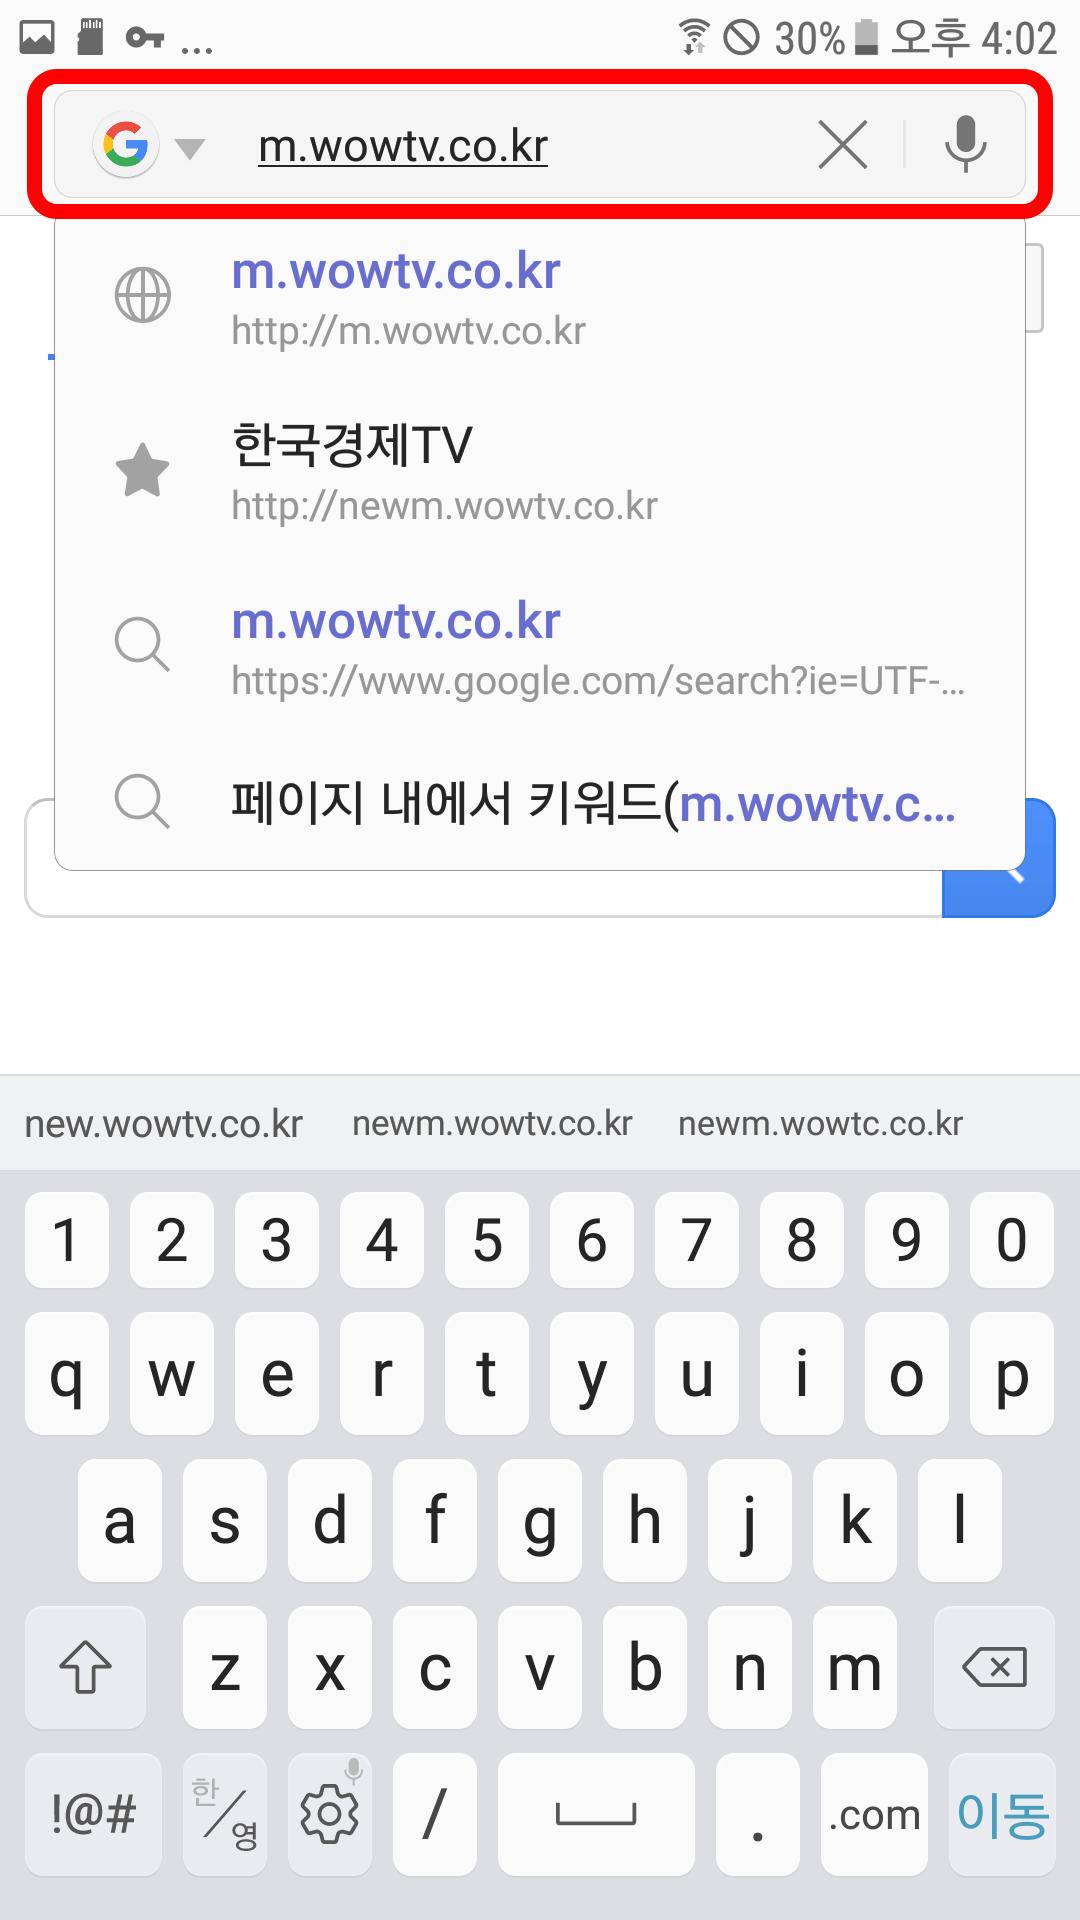 주소창에 m.wowtv.co.kr 입력 설명을 돕기 위한 예시